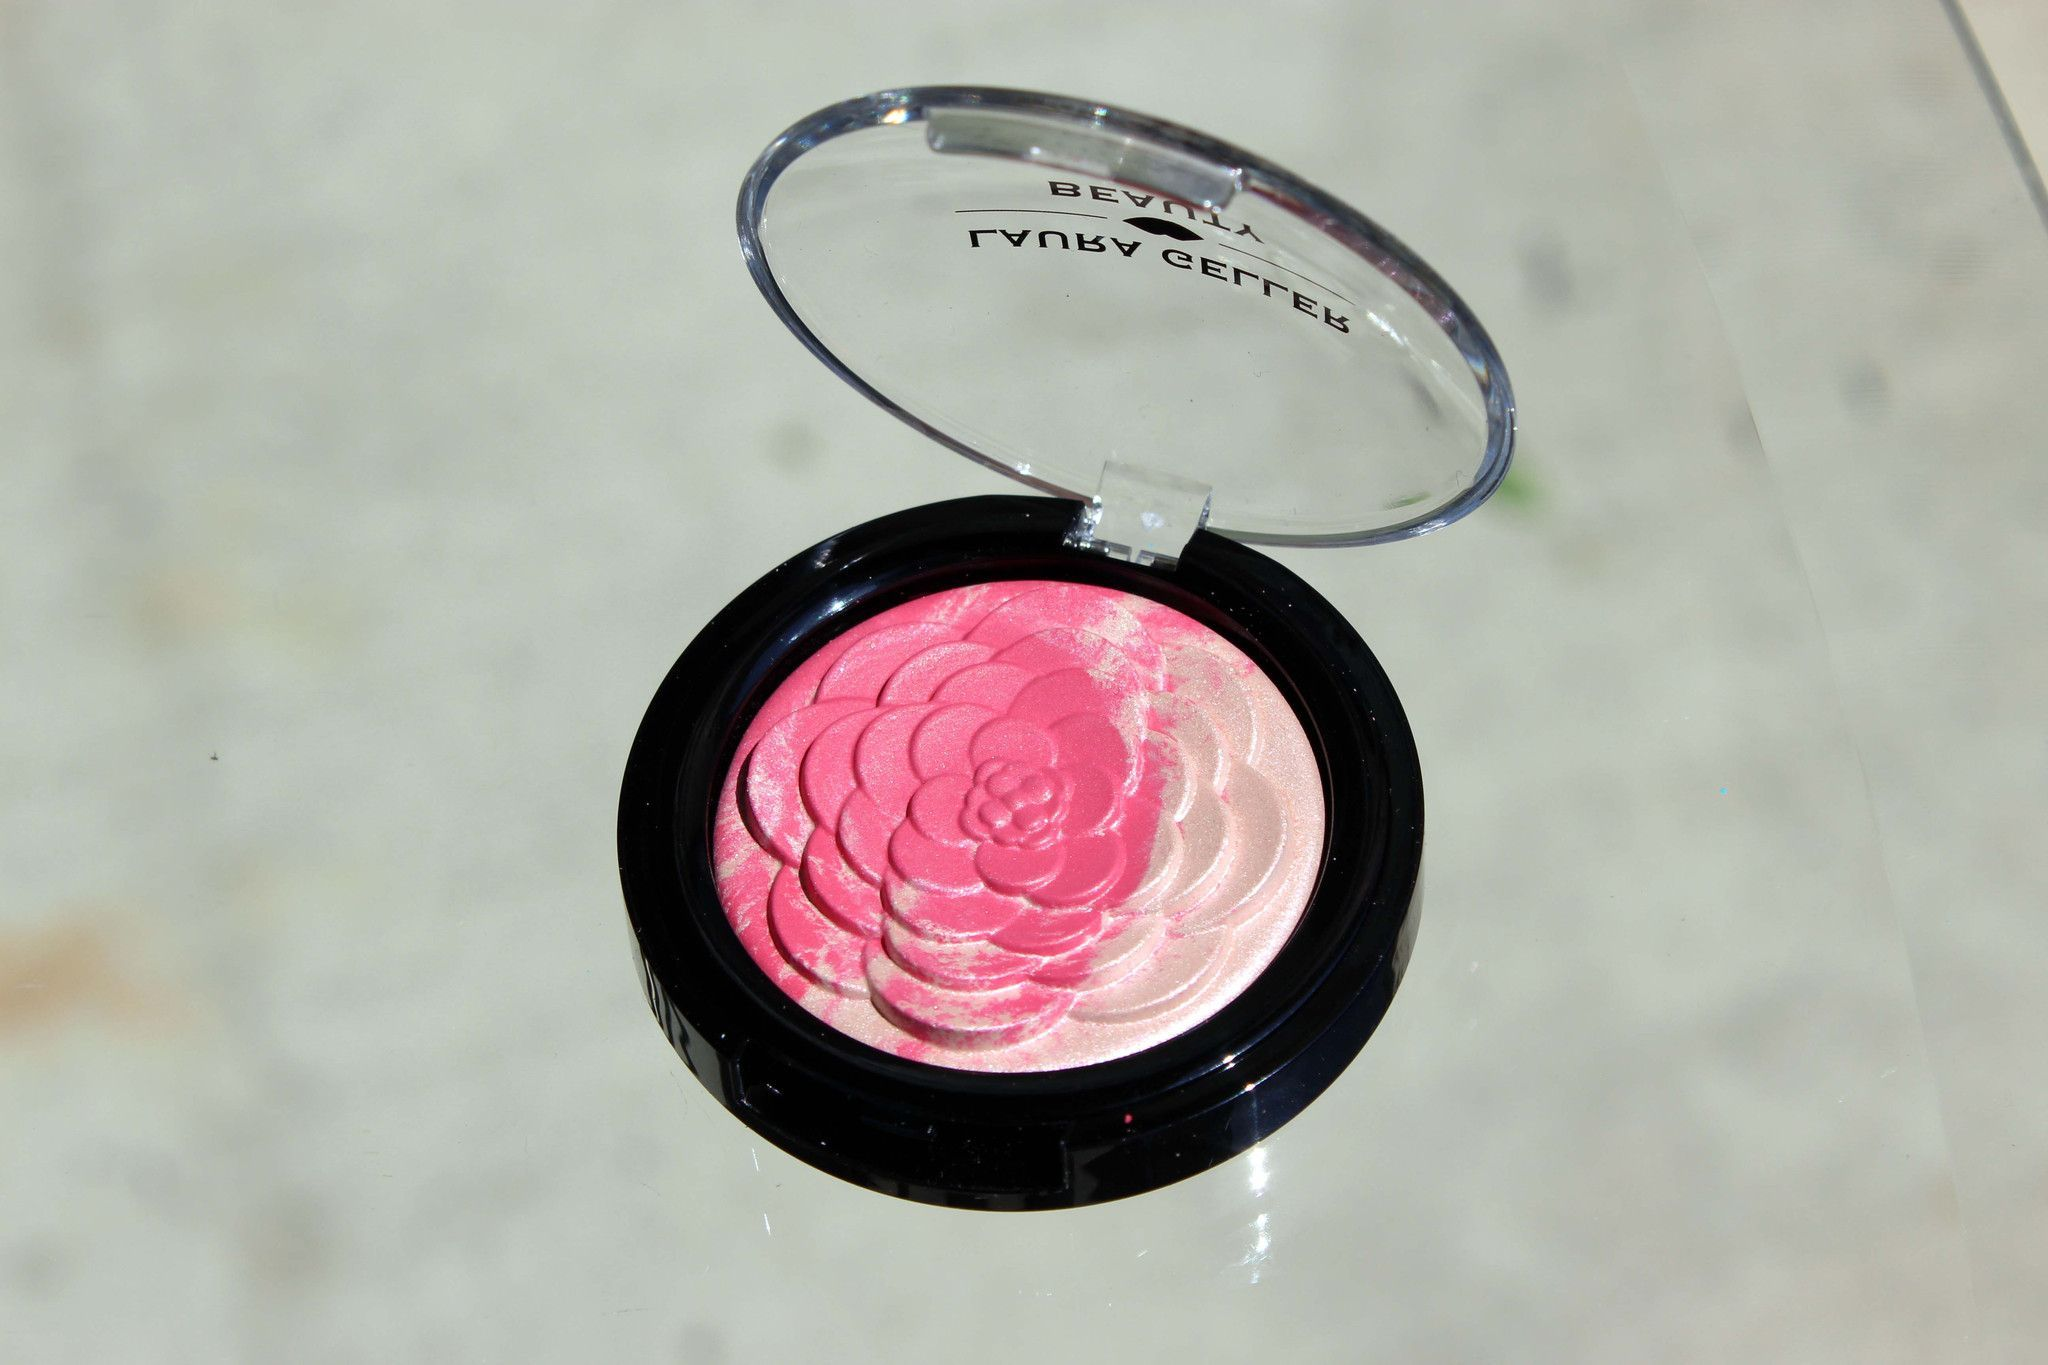 Laura Geller Baked Gelato Vivid Flower Blush Pink Dahlia